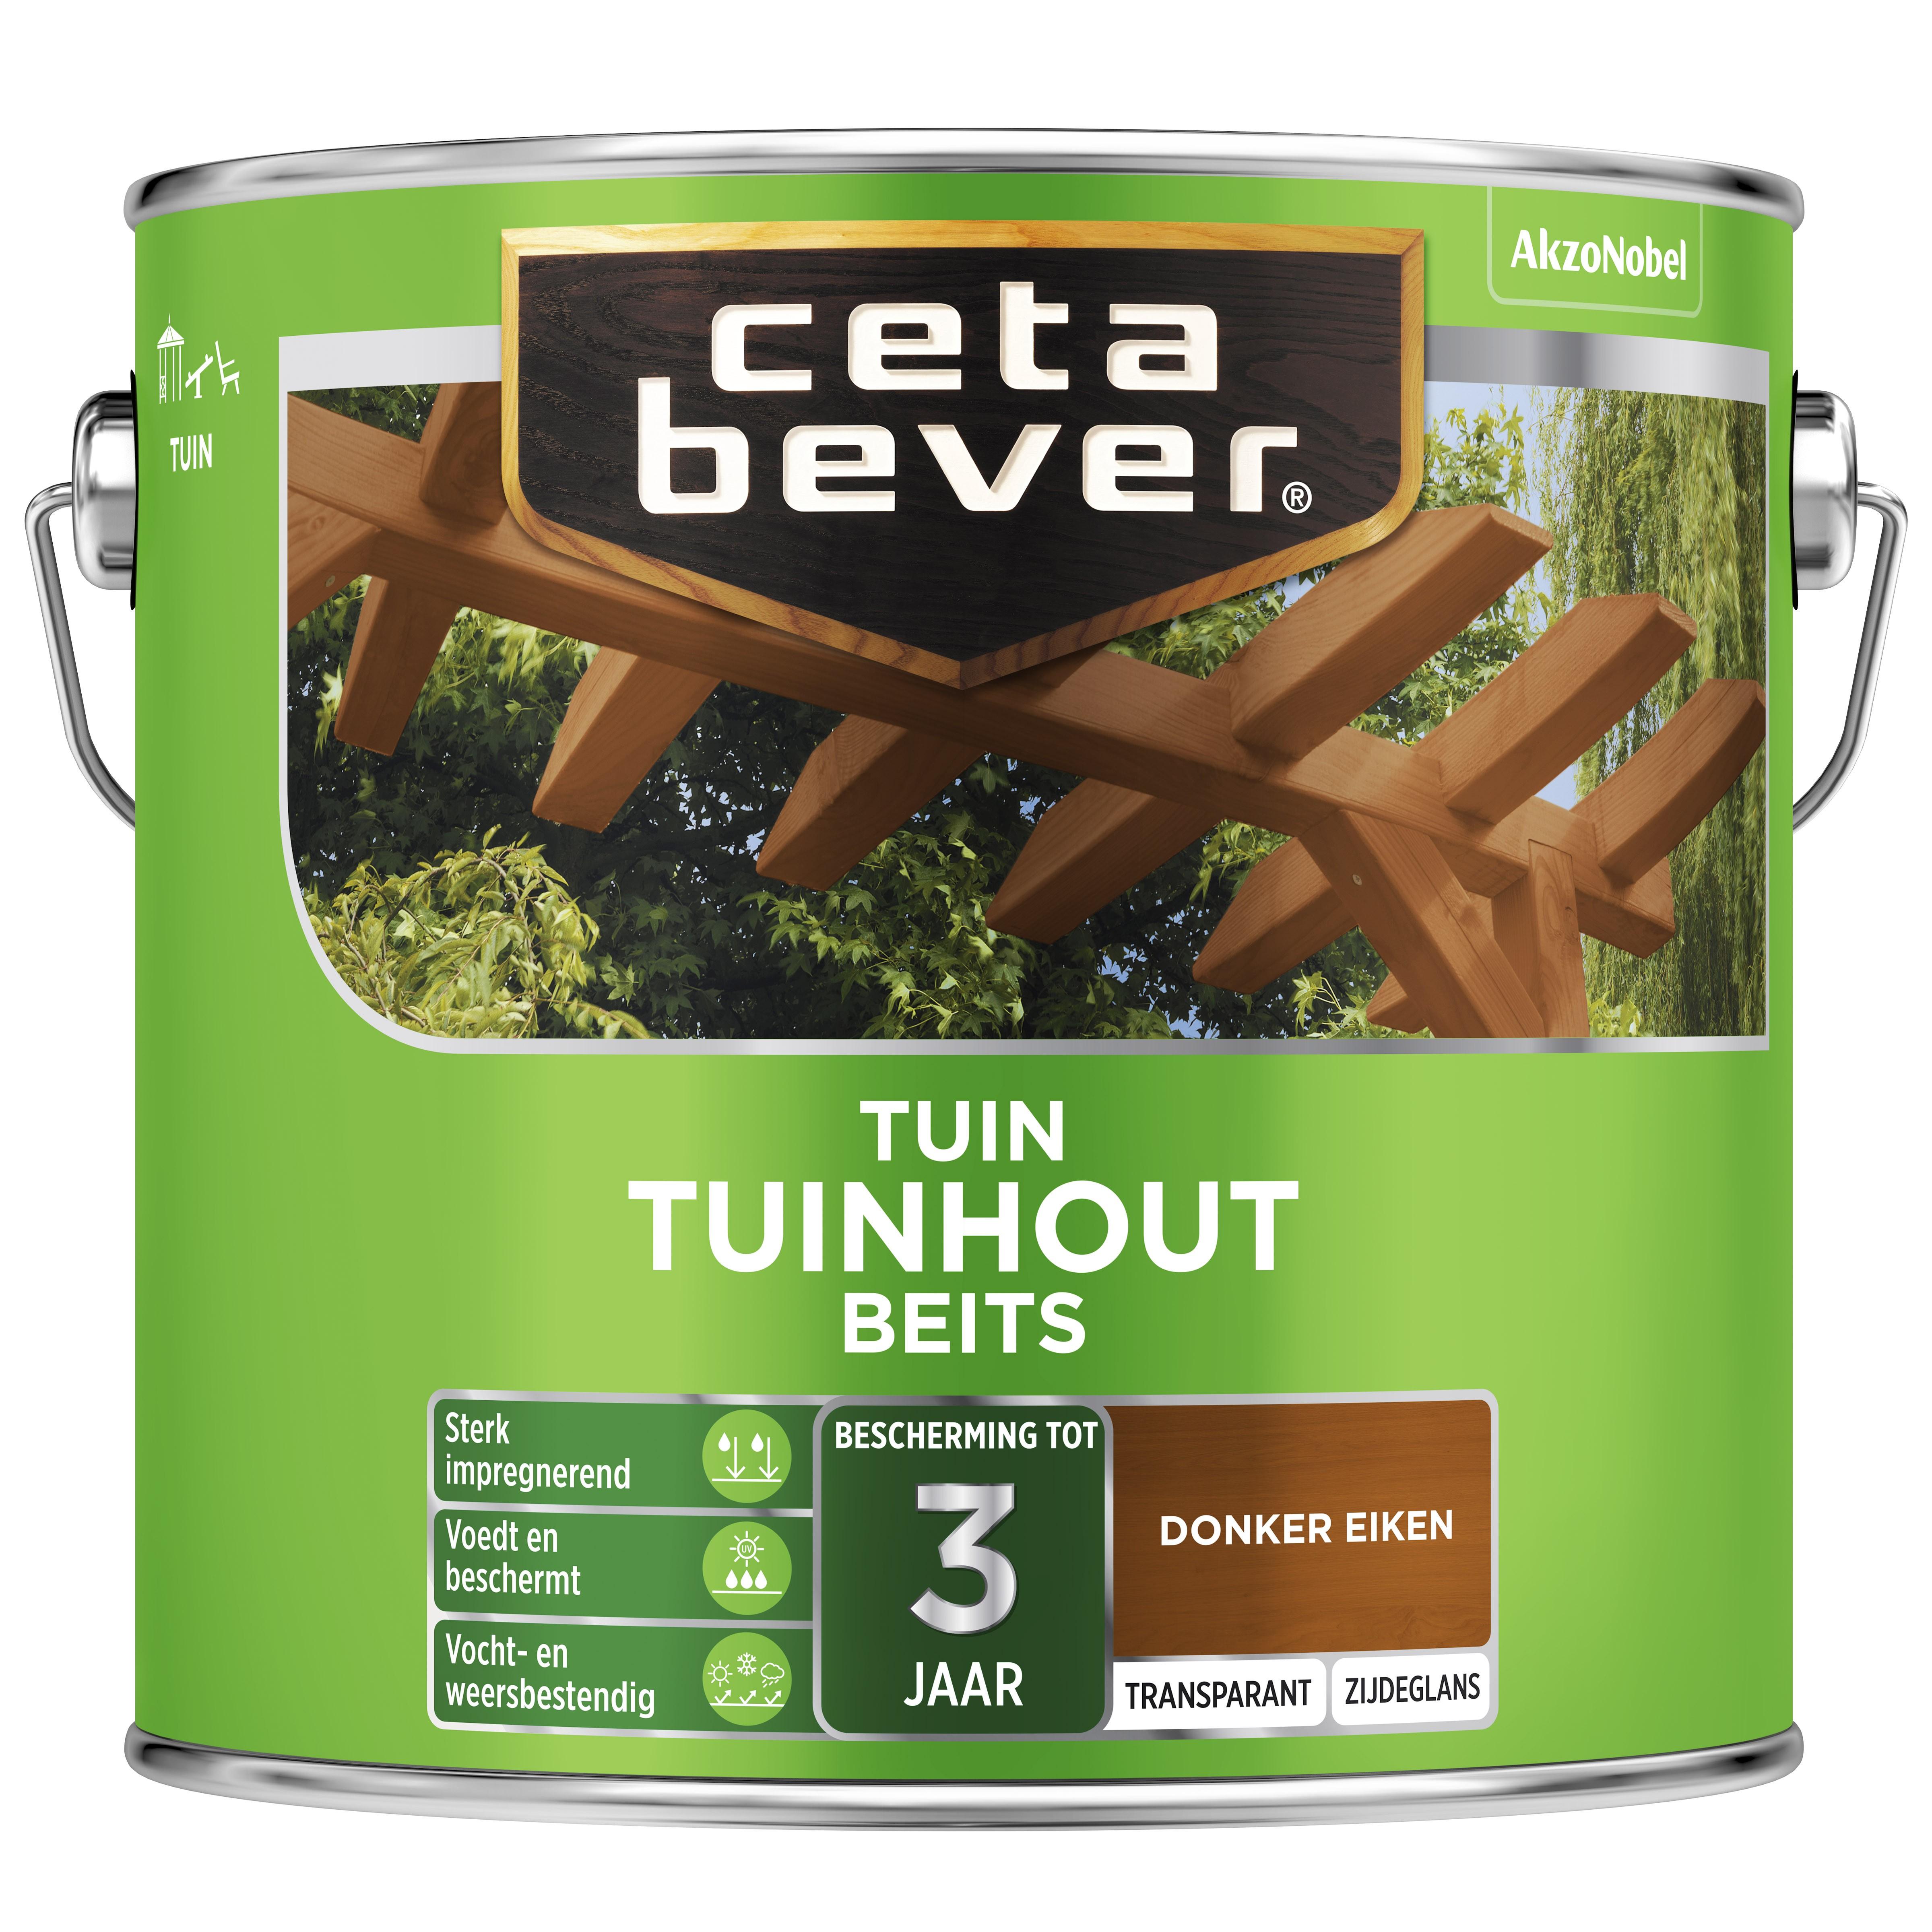 Afbeelding van CetaBever Tuinbeits Transparant 2,5 liter donker eiken 009